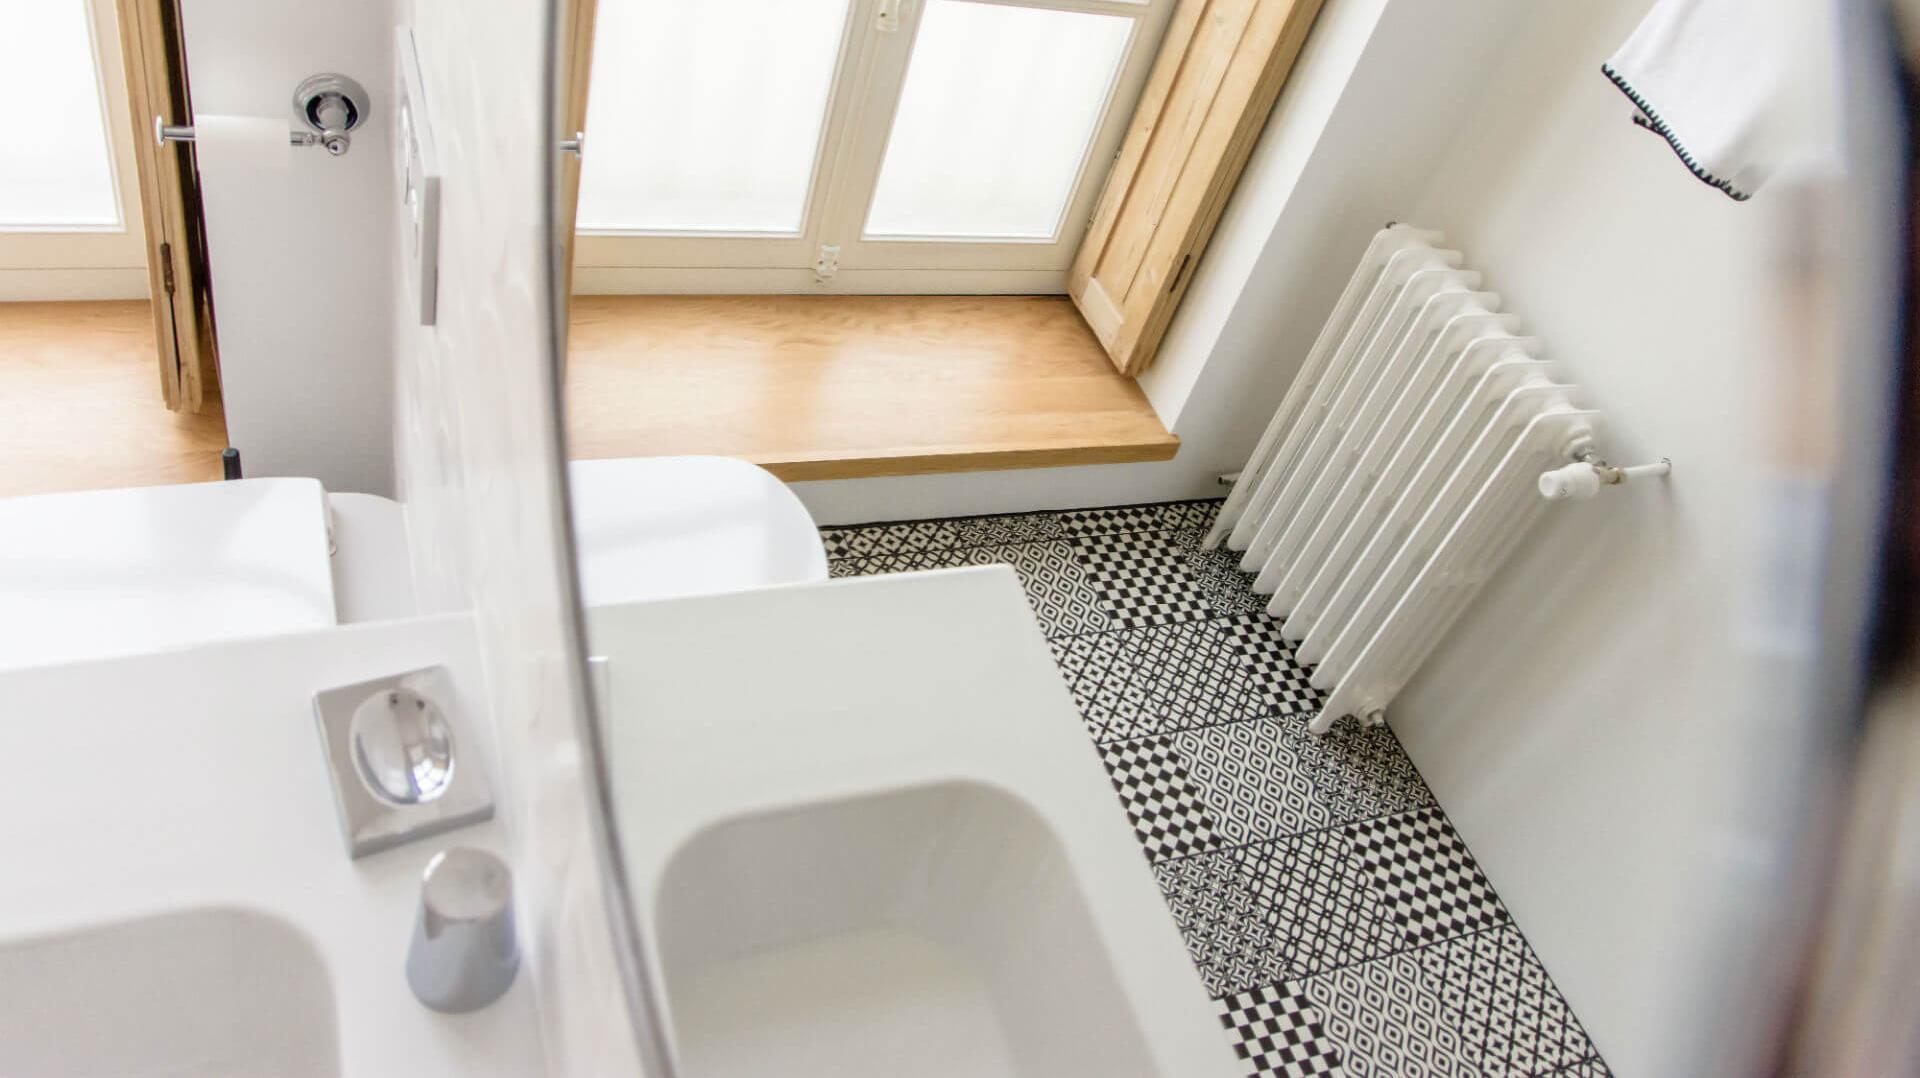 Salle de bain attenante à la chambre Florence Knoll